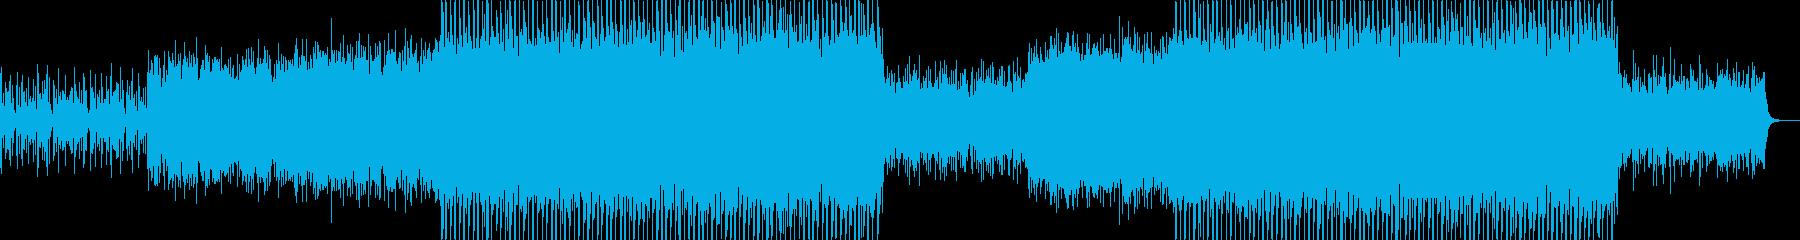 明るく爽やかなオーケストラポップ-05の再生済みの波形